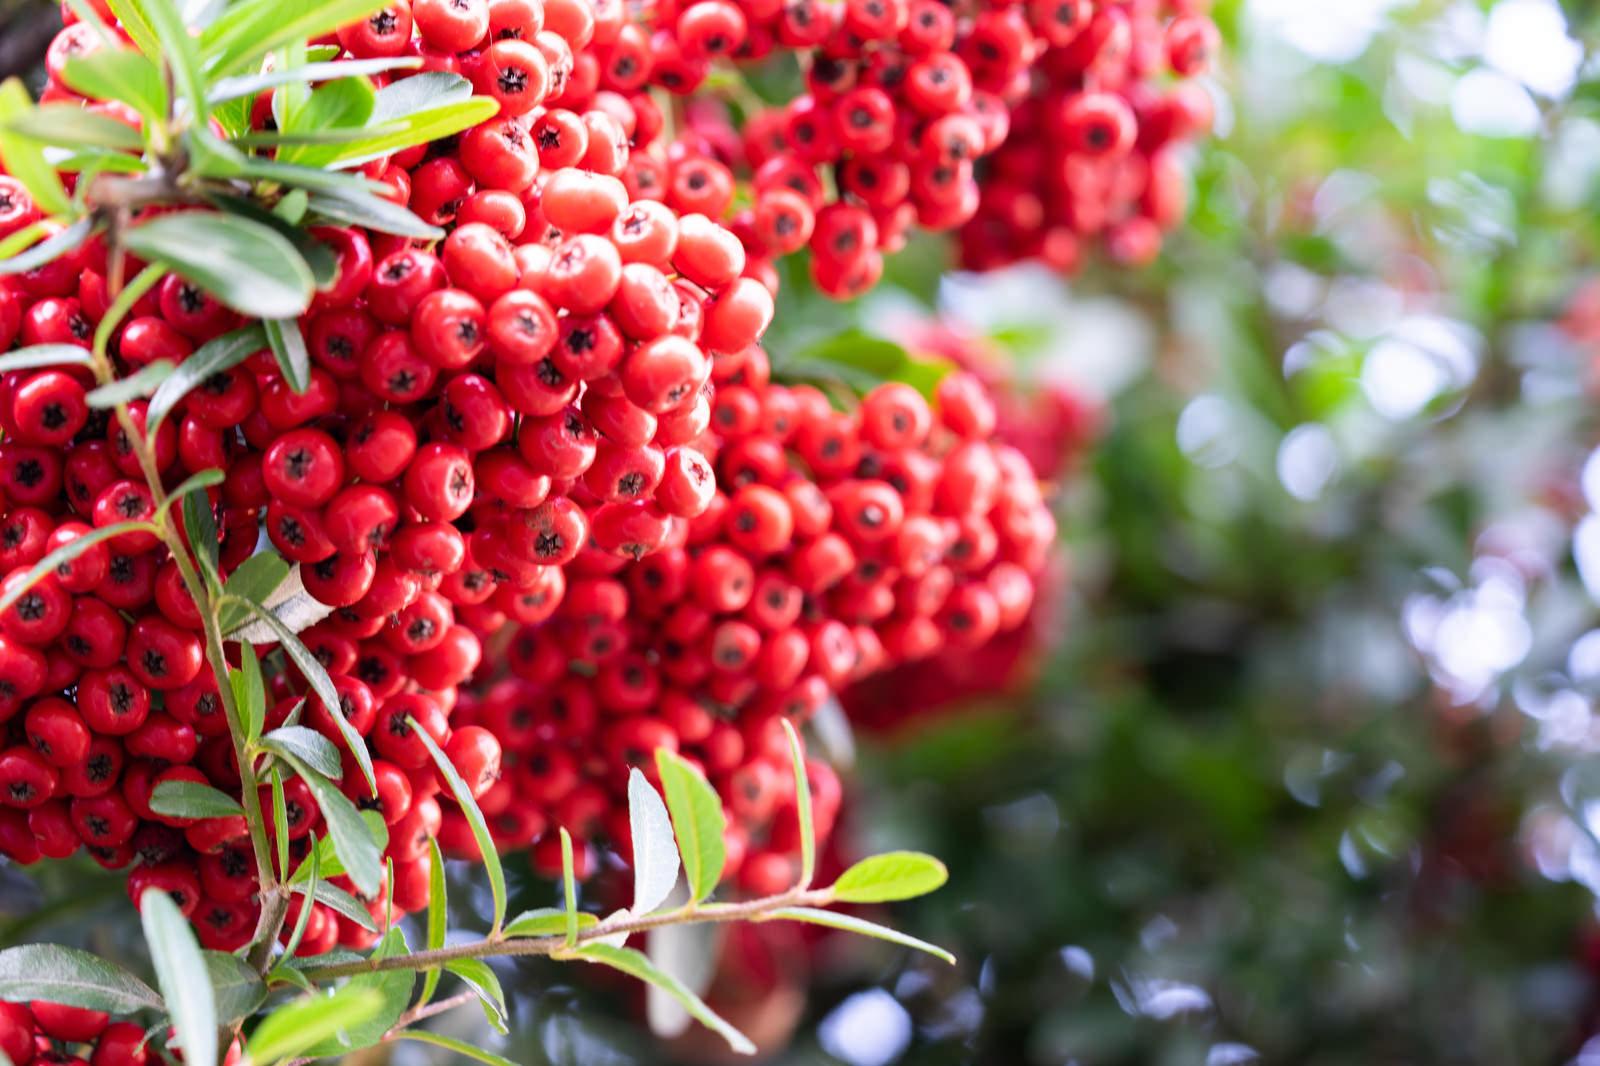 「赤い果実が実るピサカンサ(バラ科)」の写真